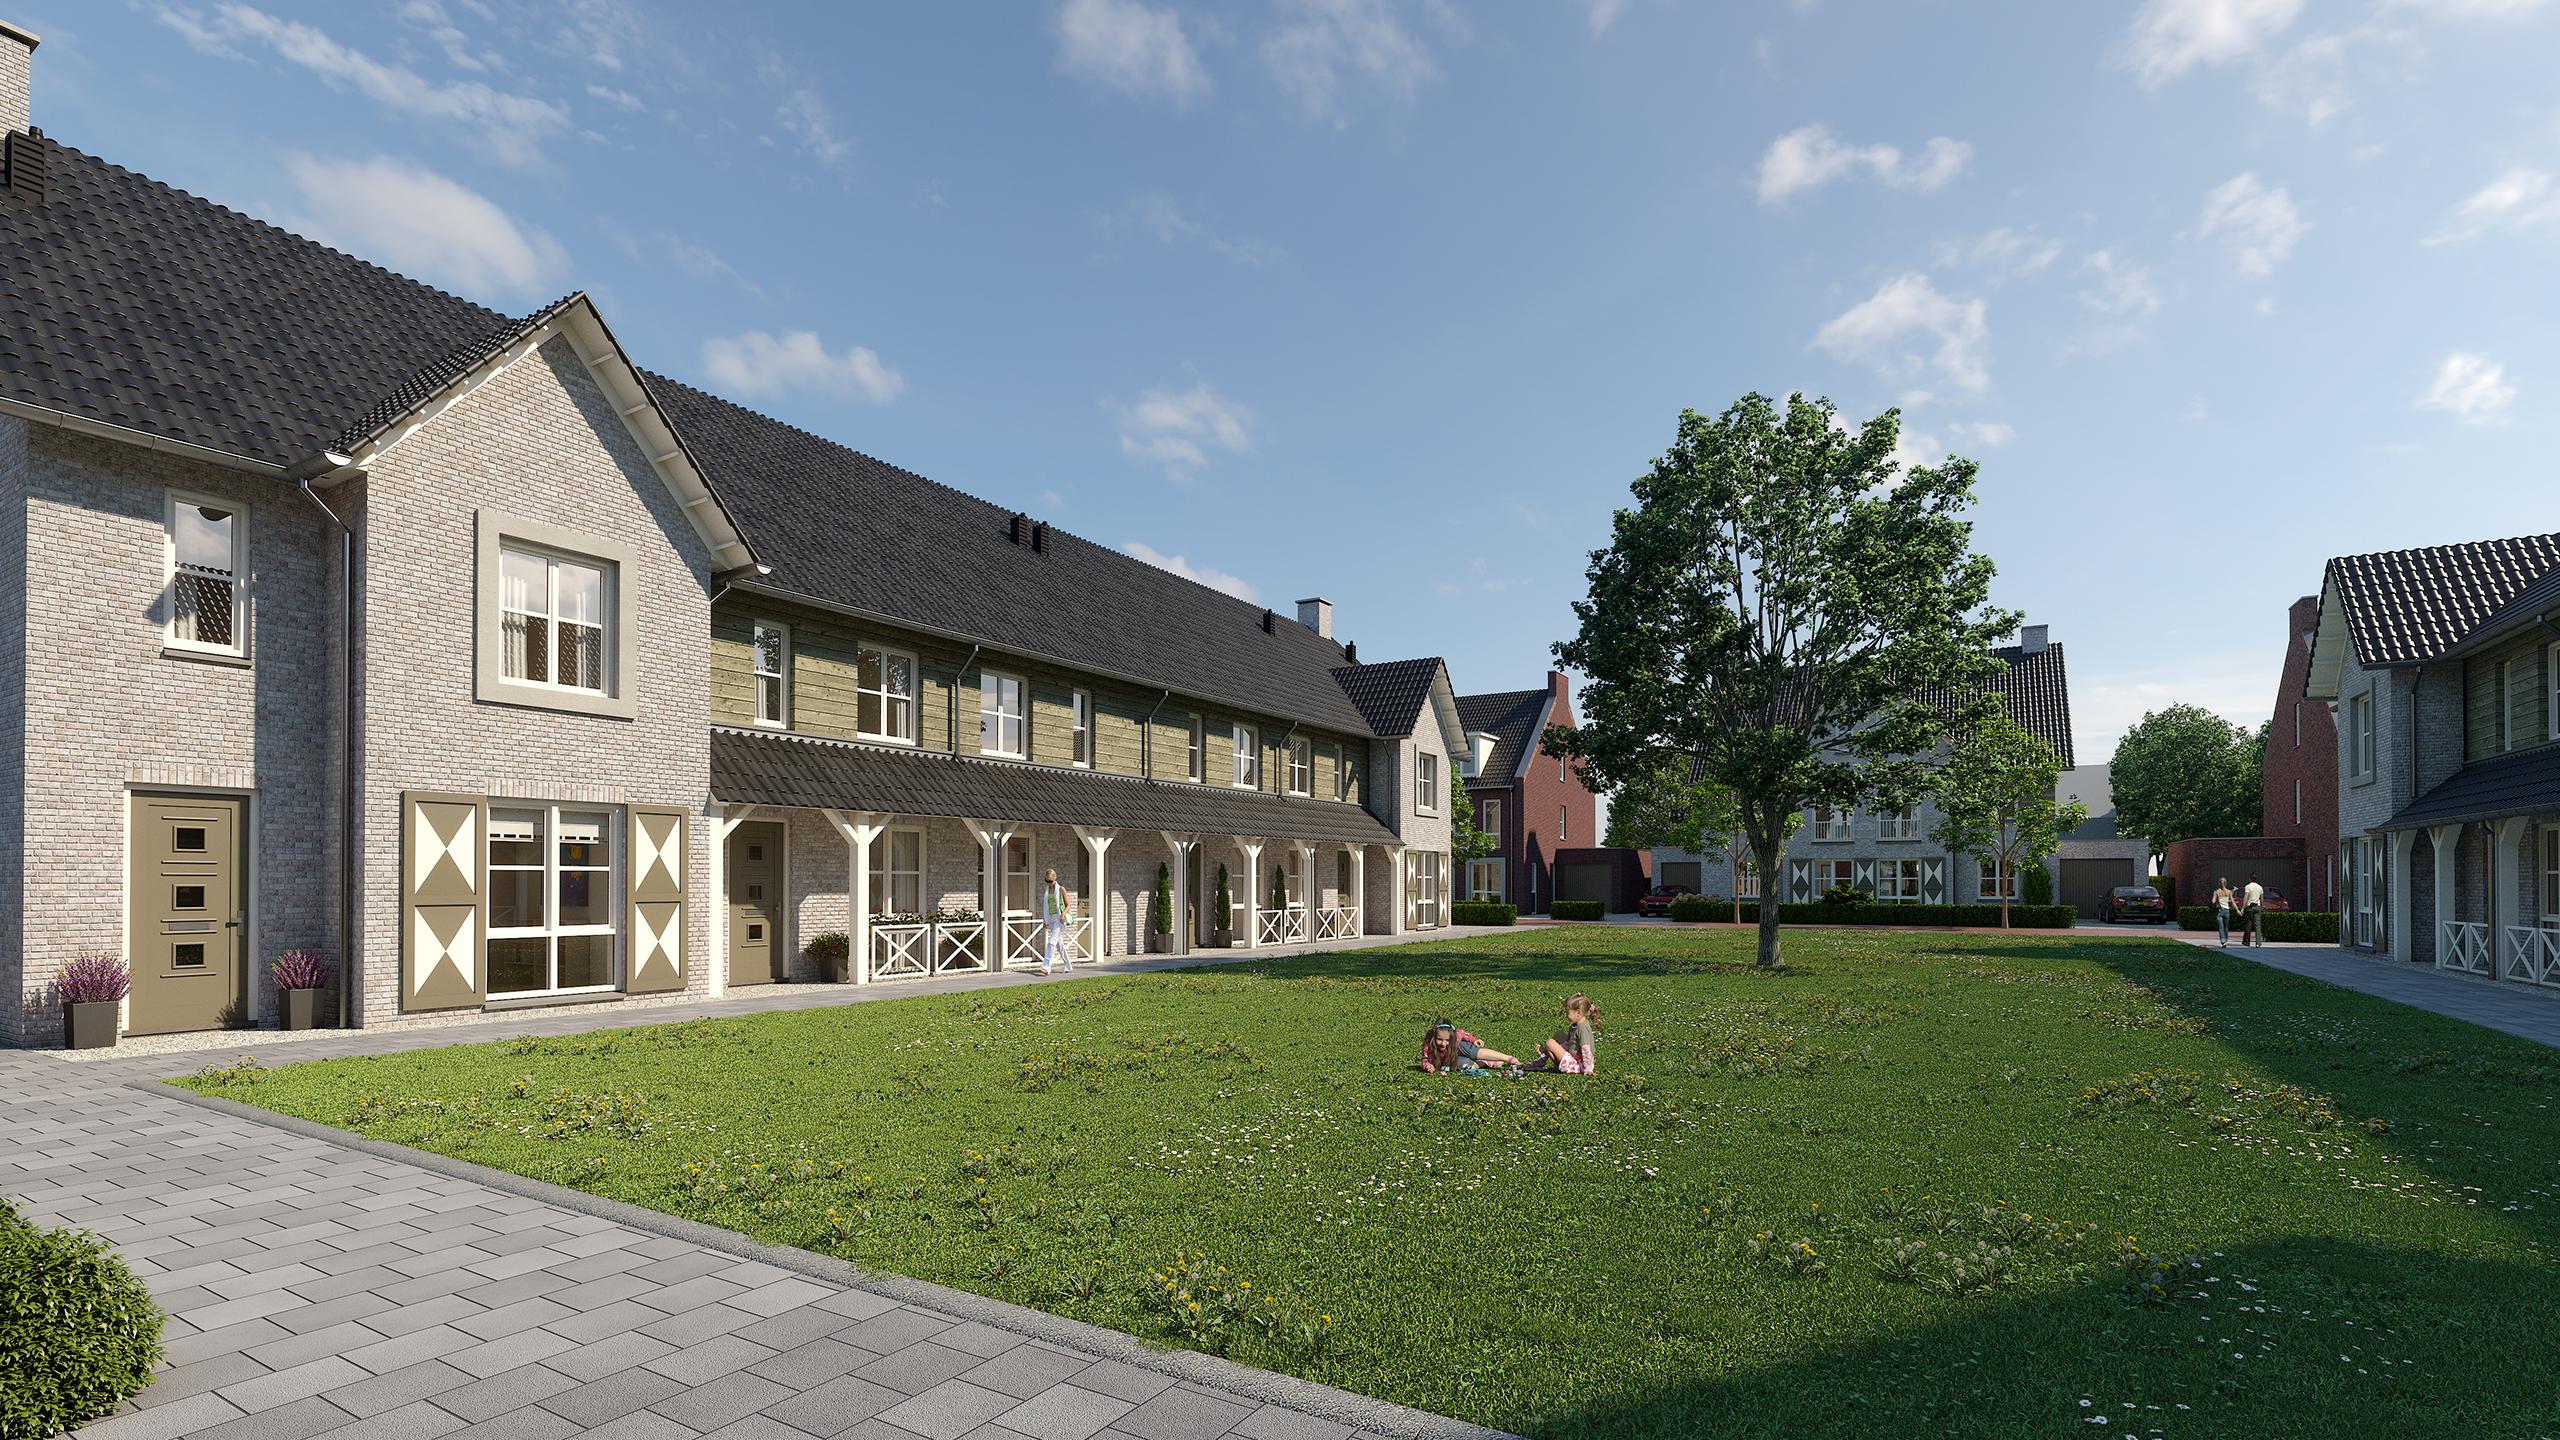 1328-Hoog-Dalem-06-C